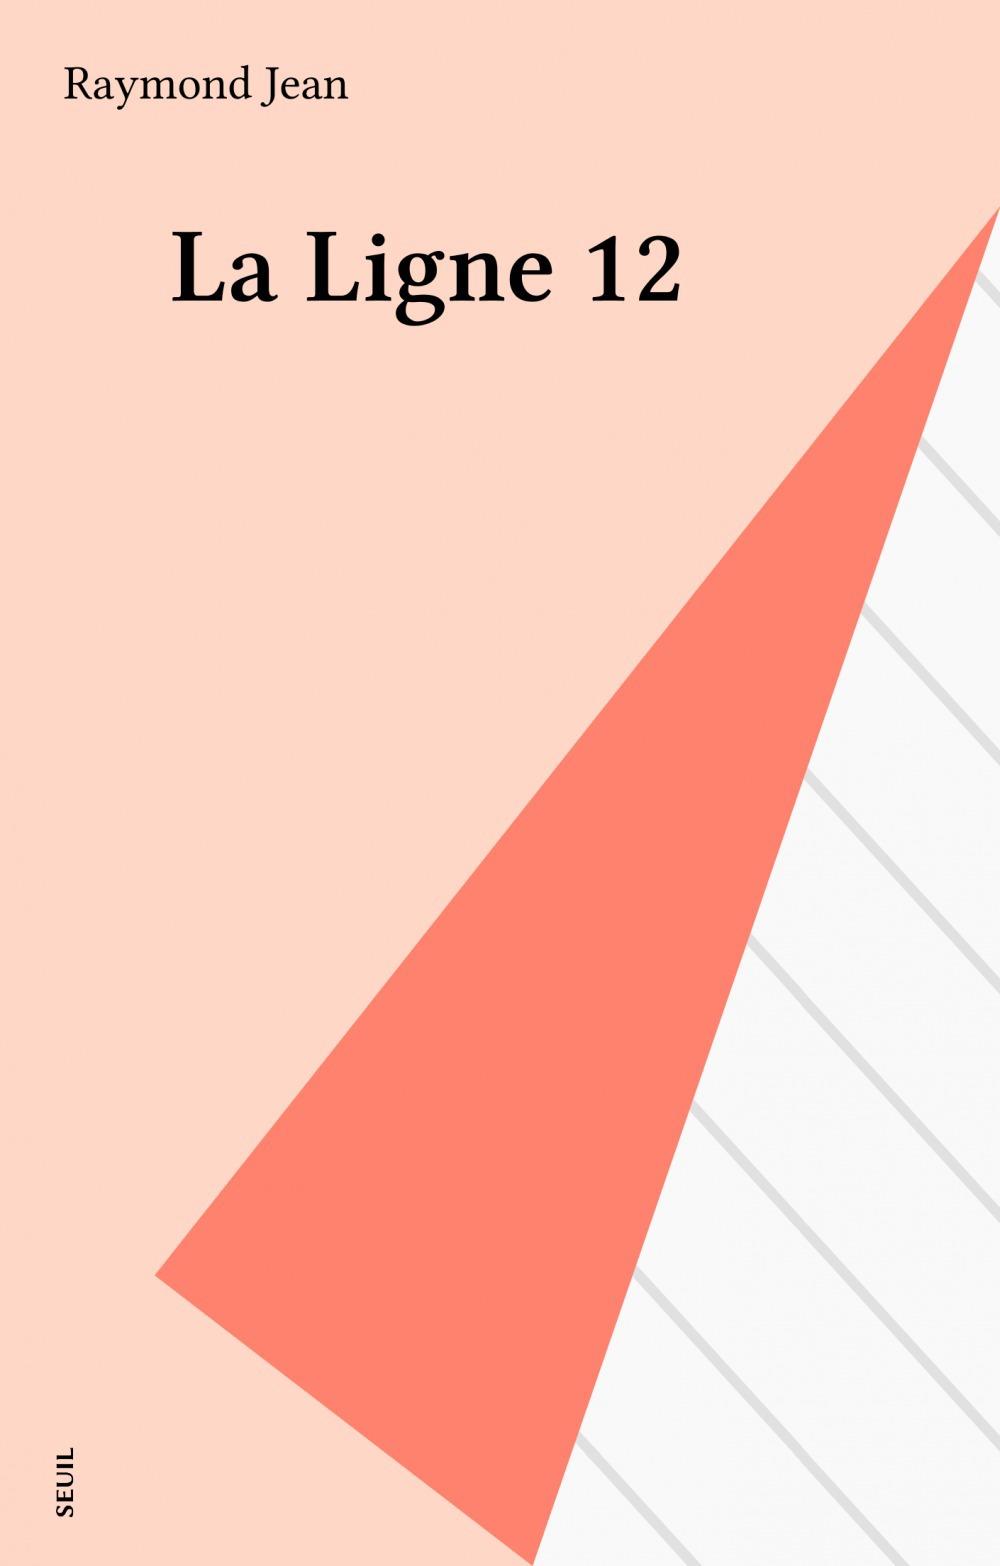 La ligne 12